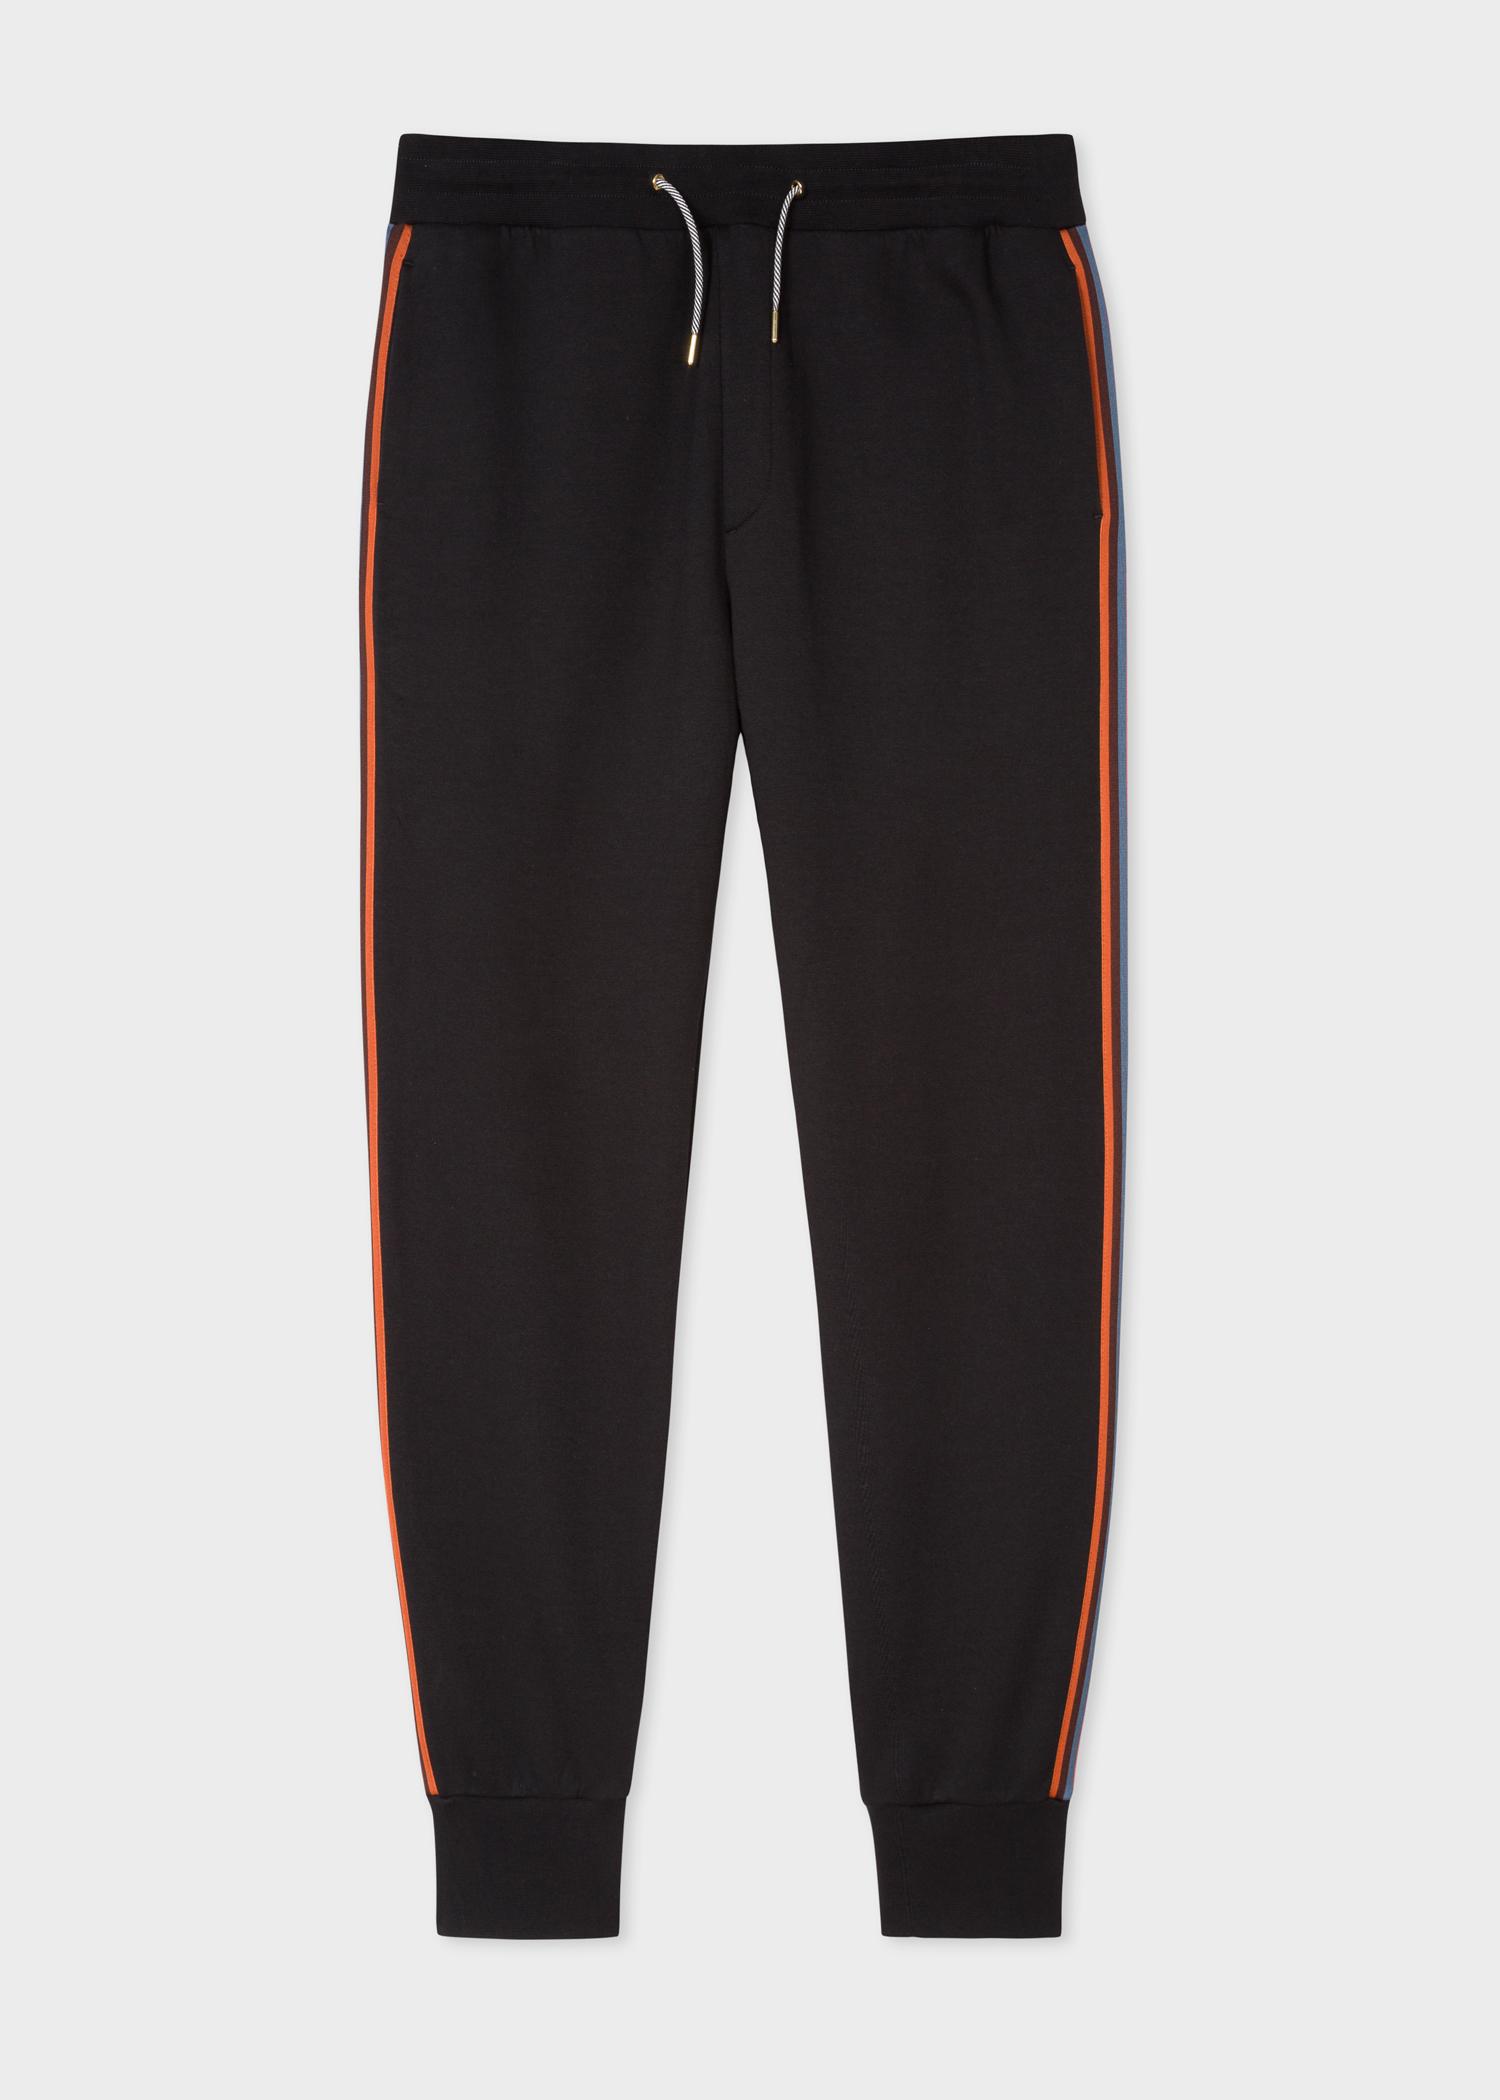 6414f54146a4 Front View - Men s Black  Artist Stripe  Side Cotton Sweatpants ...